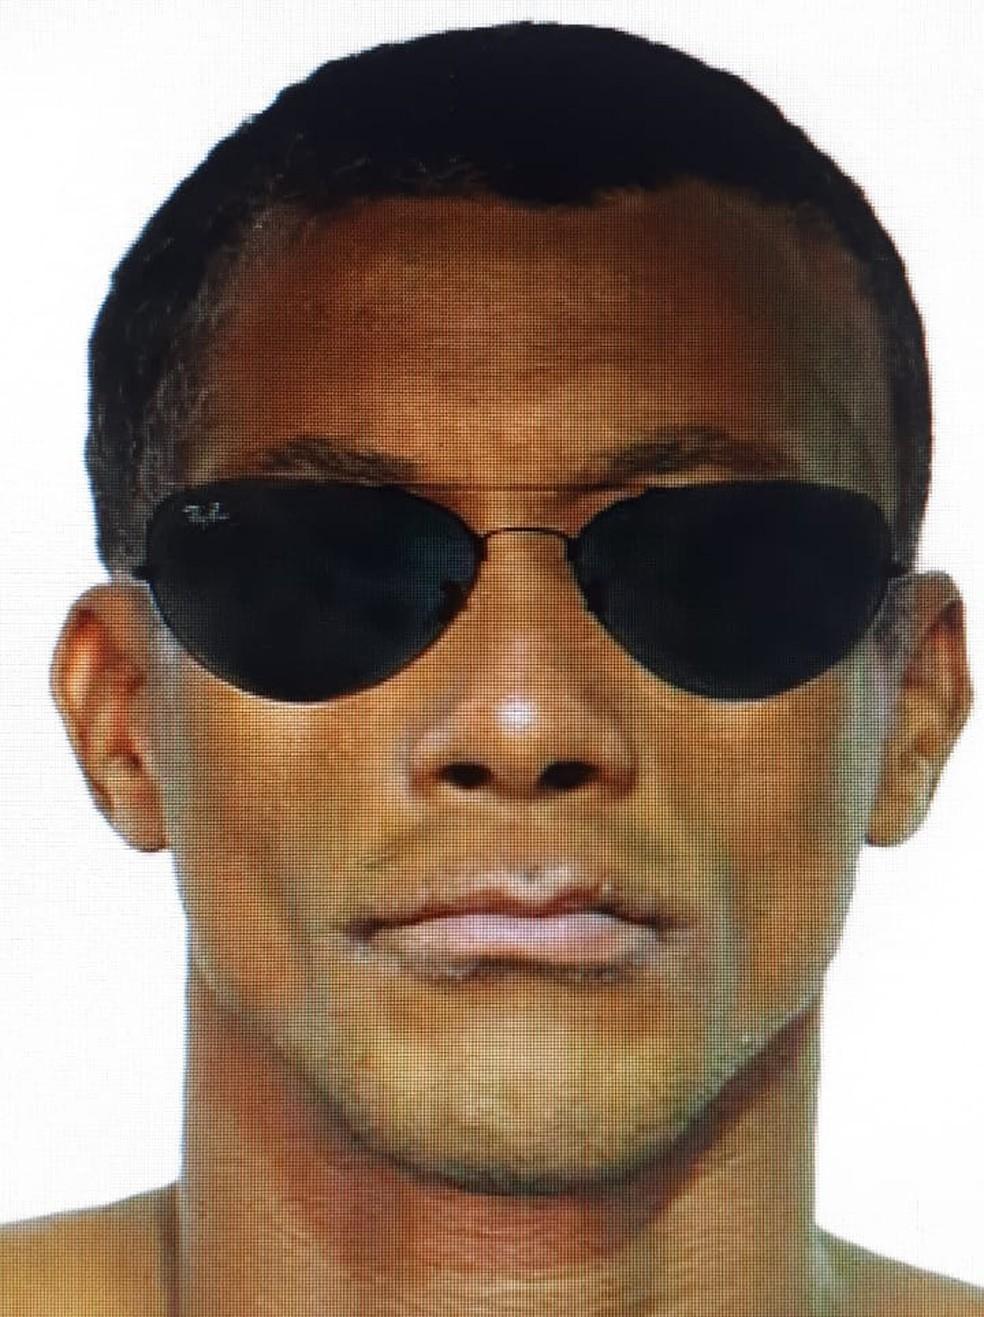 Retrato falado do estuprador chegou a ser divulgado pela Polícia Civil o que auxiliou os trabalhos de identificação (Foto: Polícia Civil de MT/Assessoria)